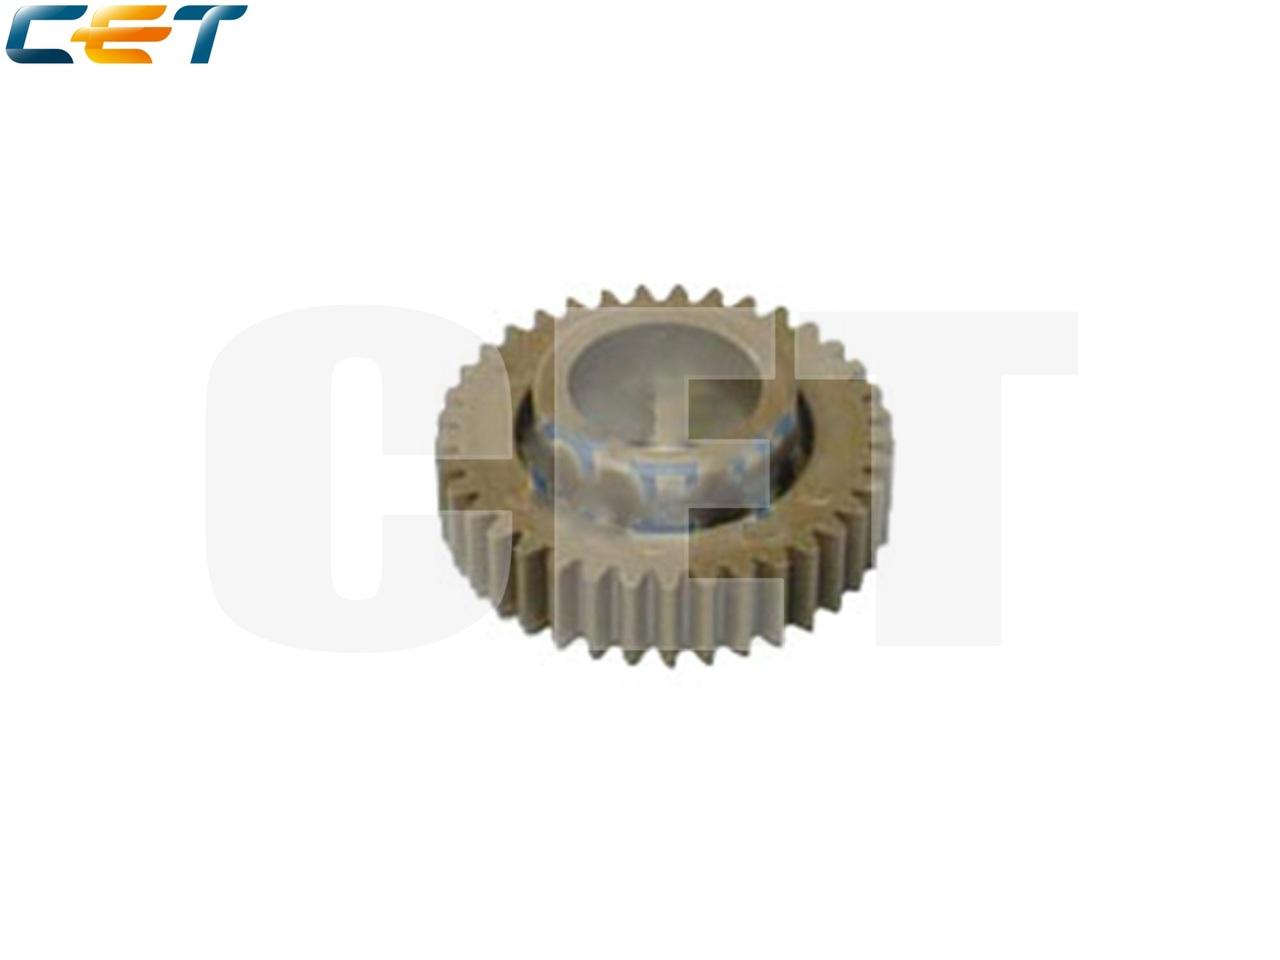 Шестерня привода тефлонового вала JC66-00564A дляSAMSUNG ML-1510/1710/1740/1750 (CET), CET1203